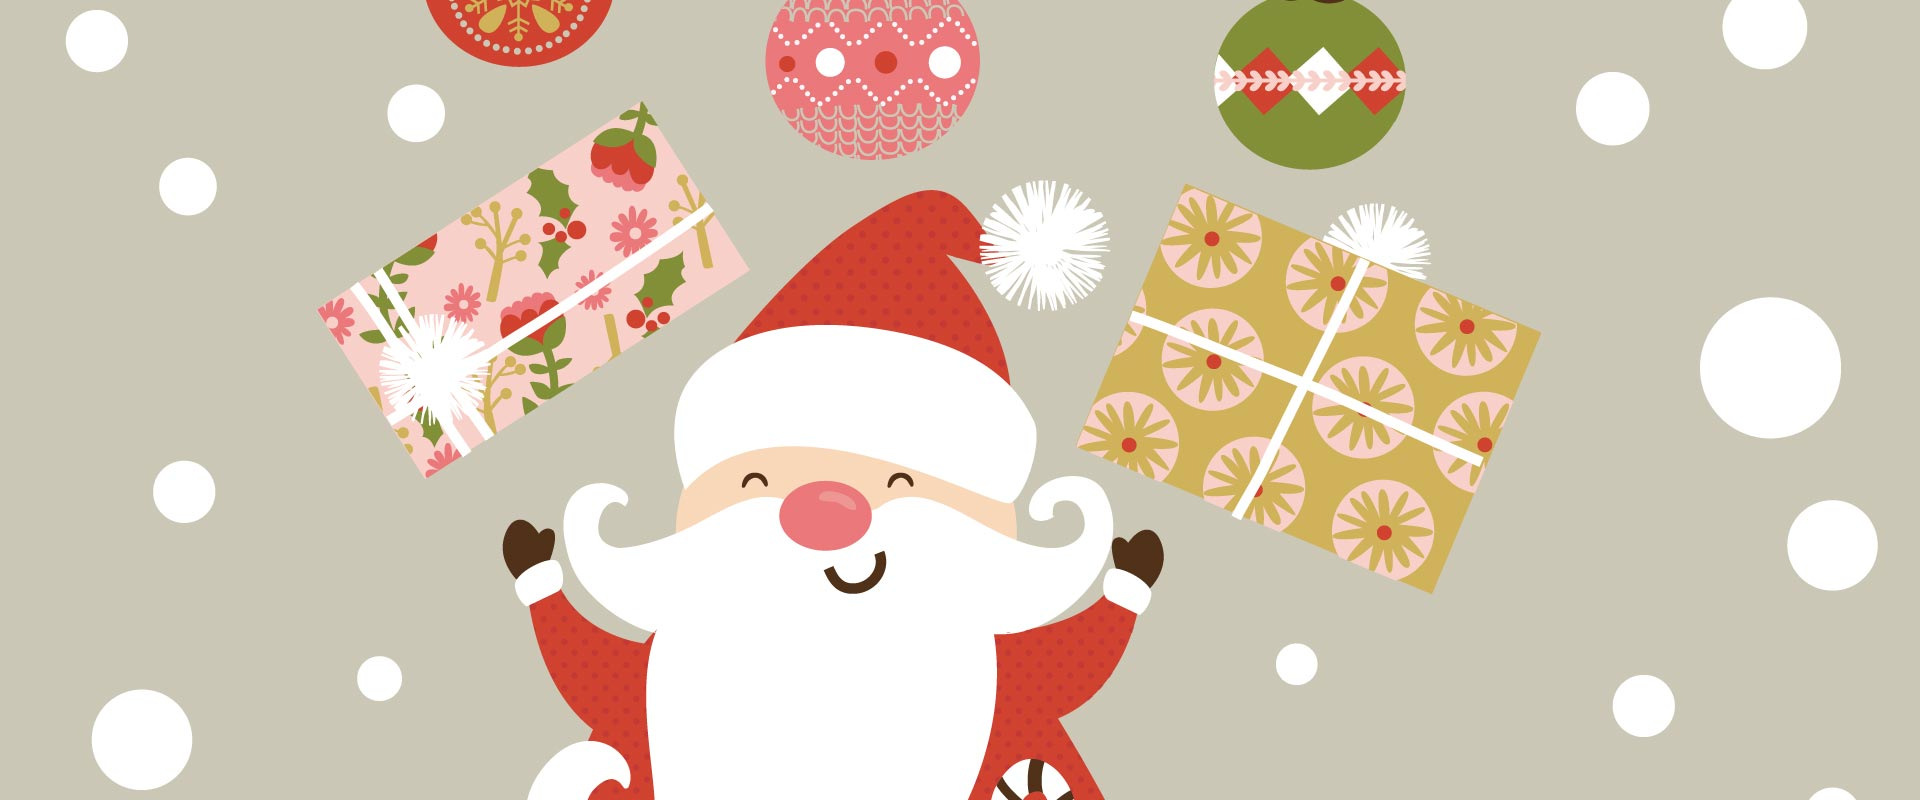 nf501_festive-joy